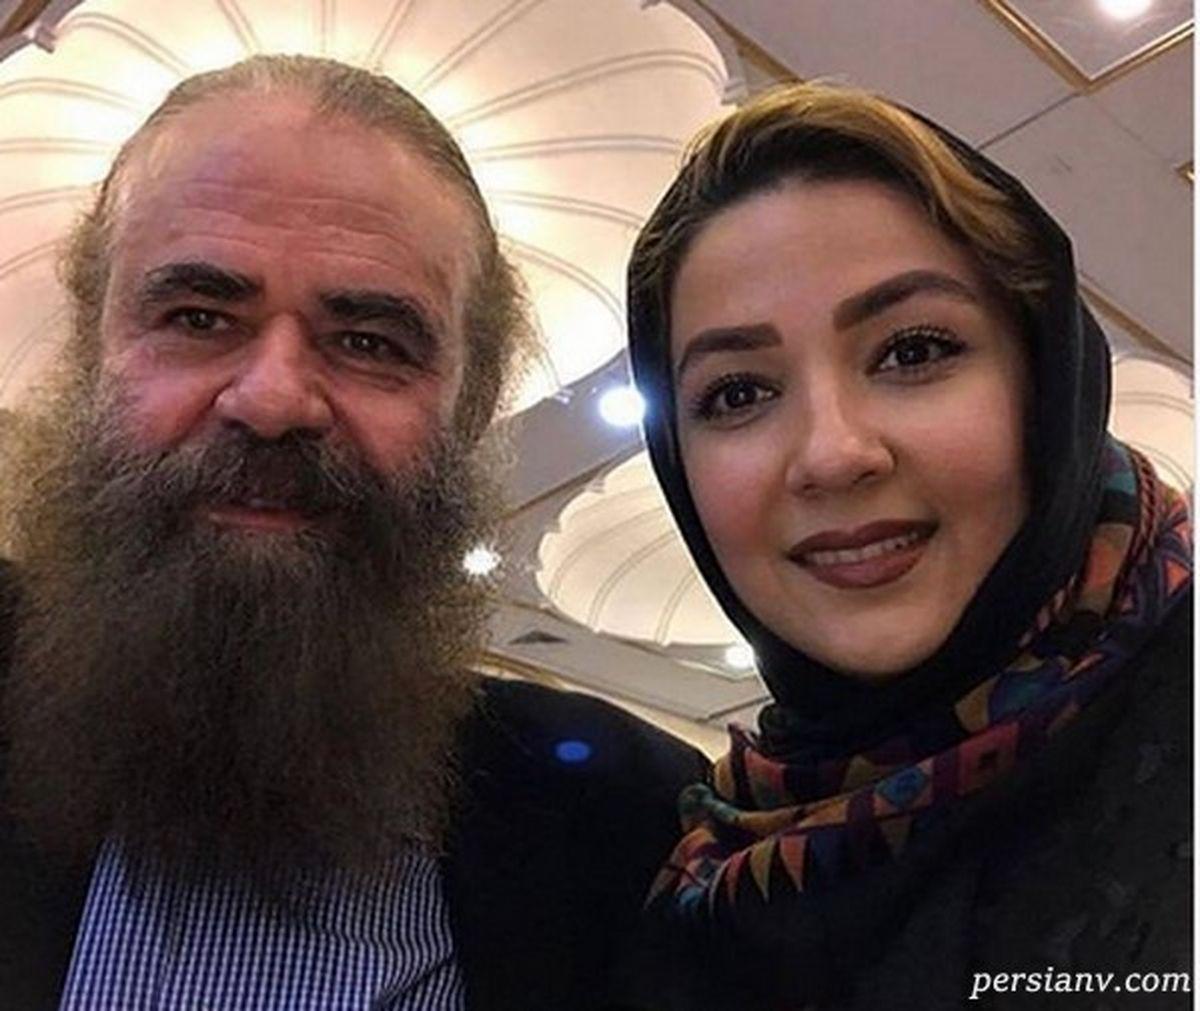 اختلاف سنی سارا صوفیانی و همسرش چند سال است؟